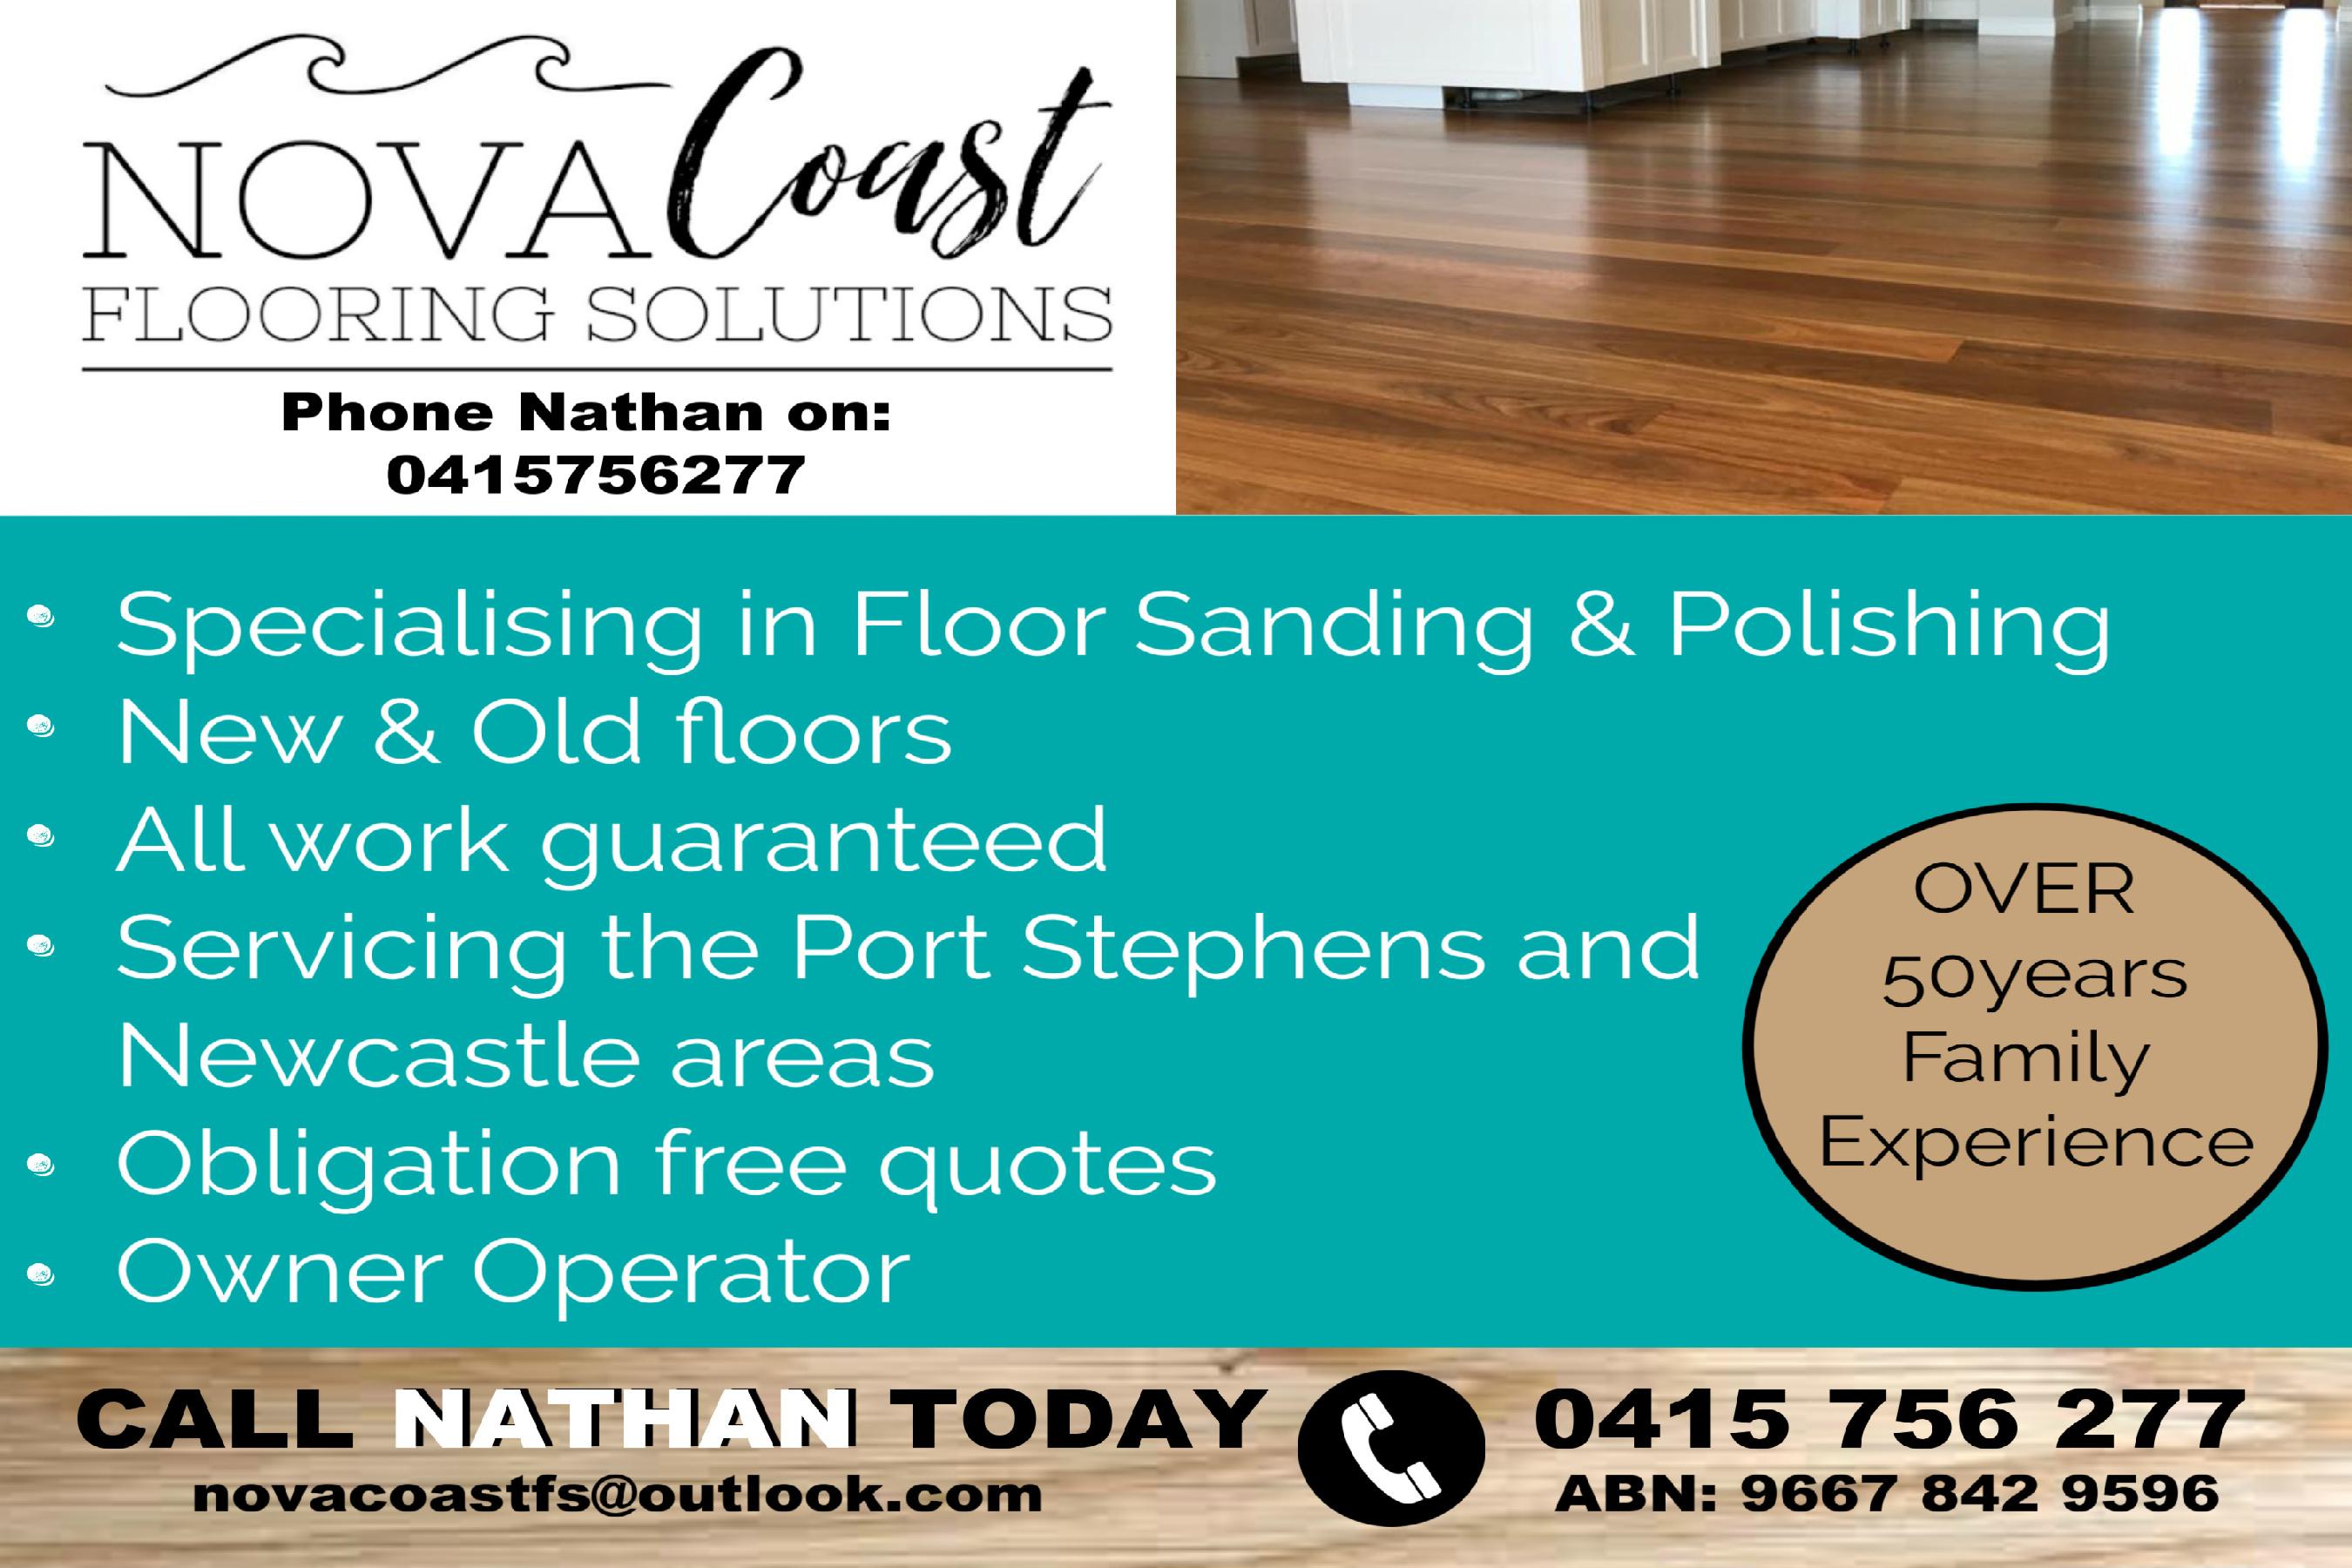 Nova Coast Flooring Solutions